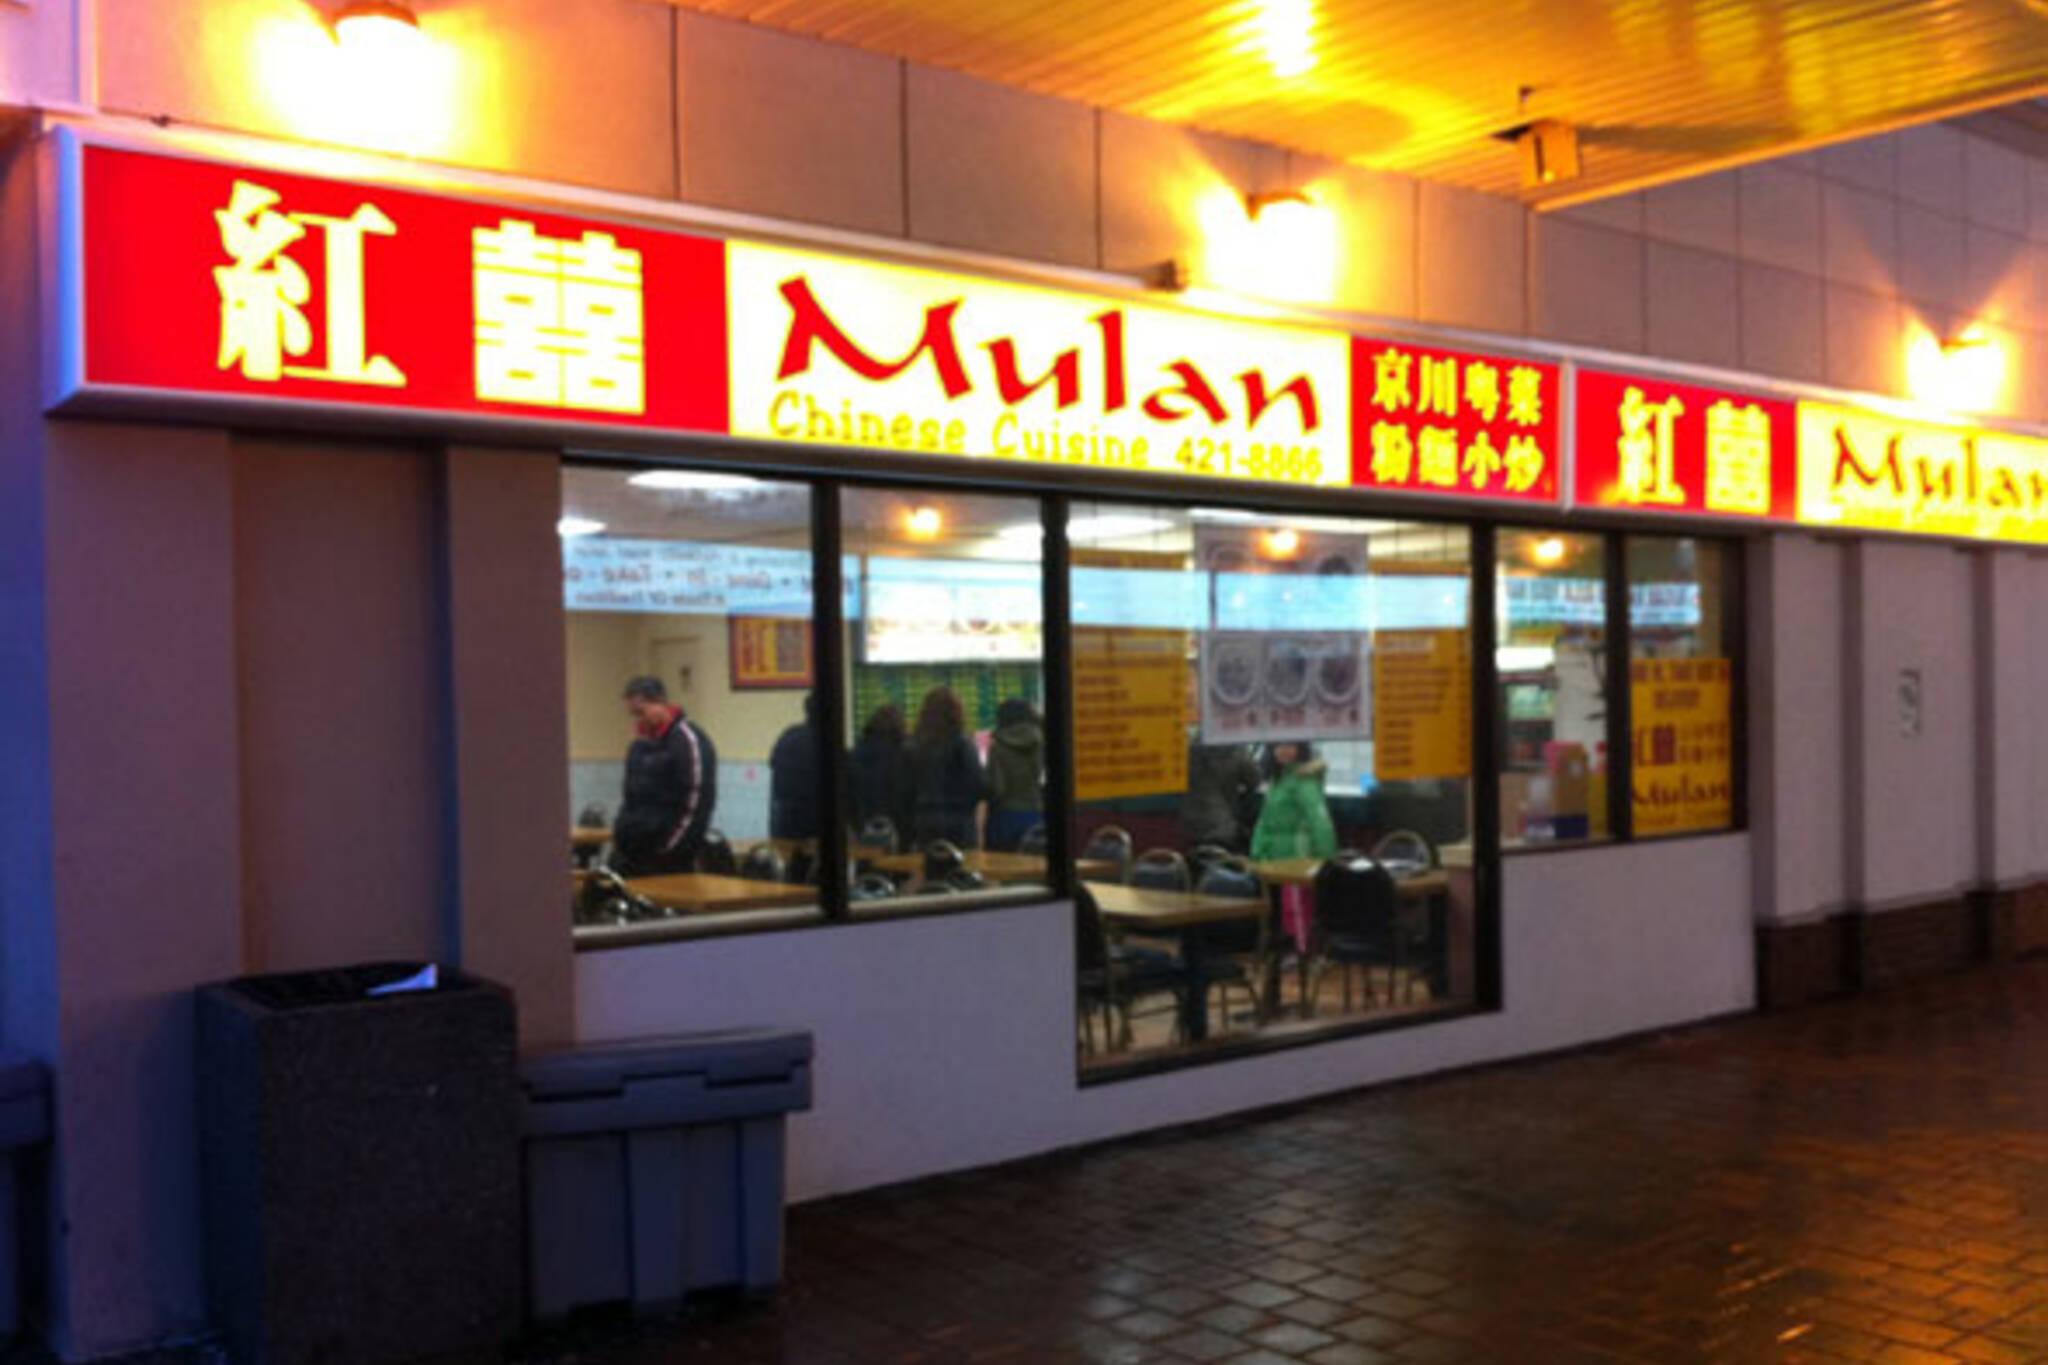 Mulan Chinese Cuisine Toronto